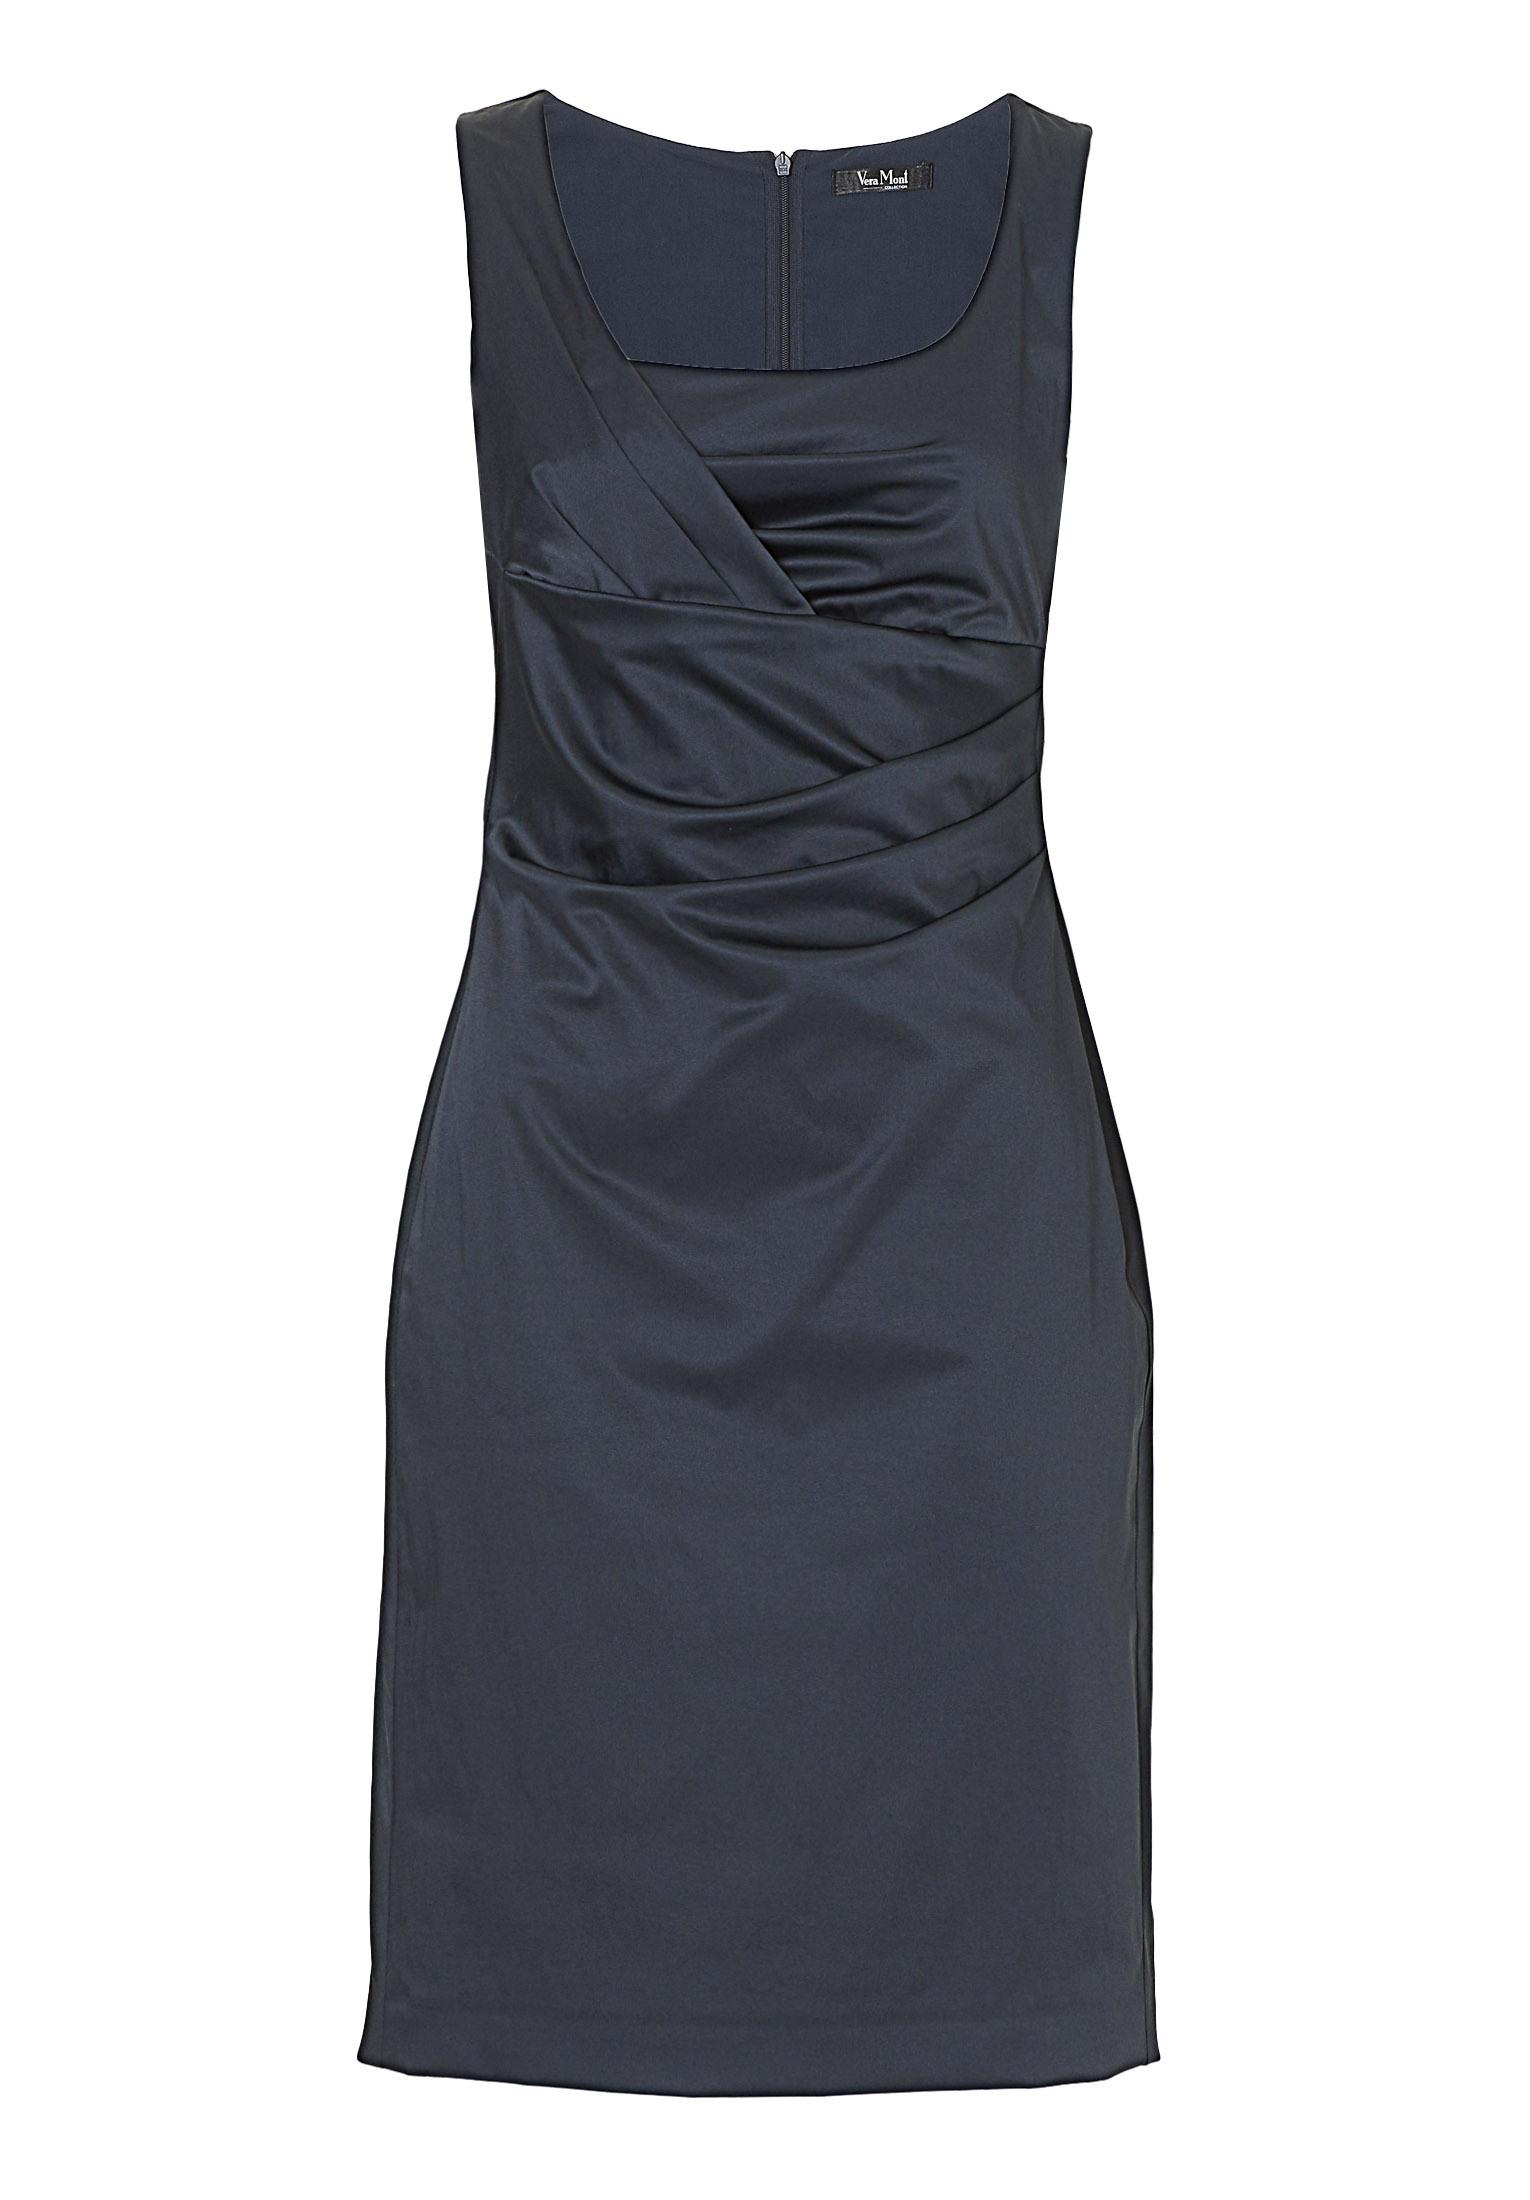 17 Genial Kleid Nachtblau für 201910 Schön Kleid Nachtblau Vertrieb